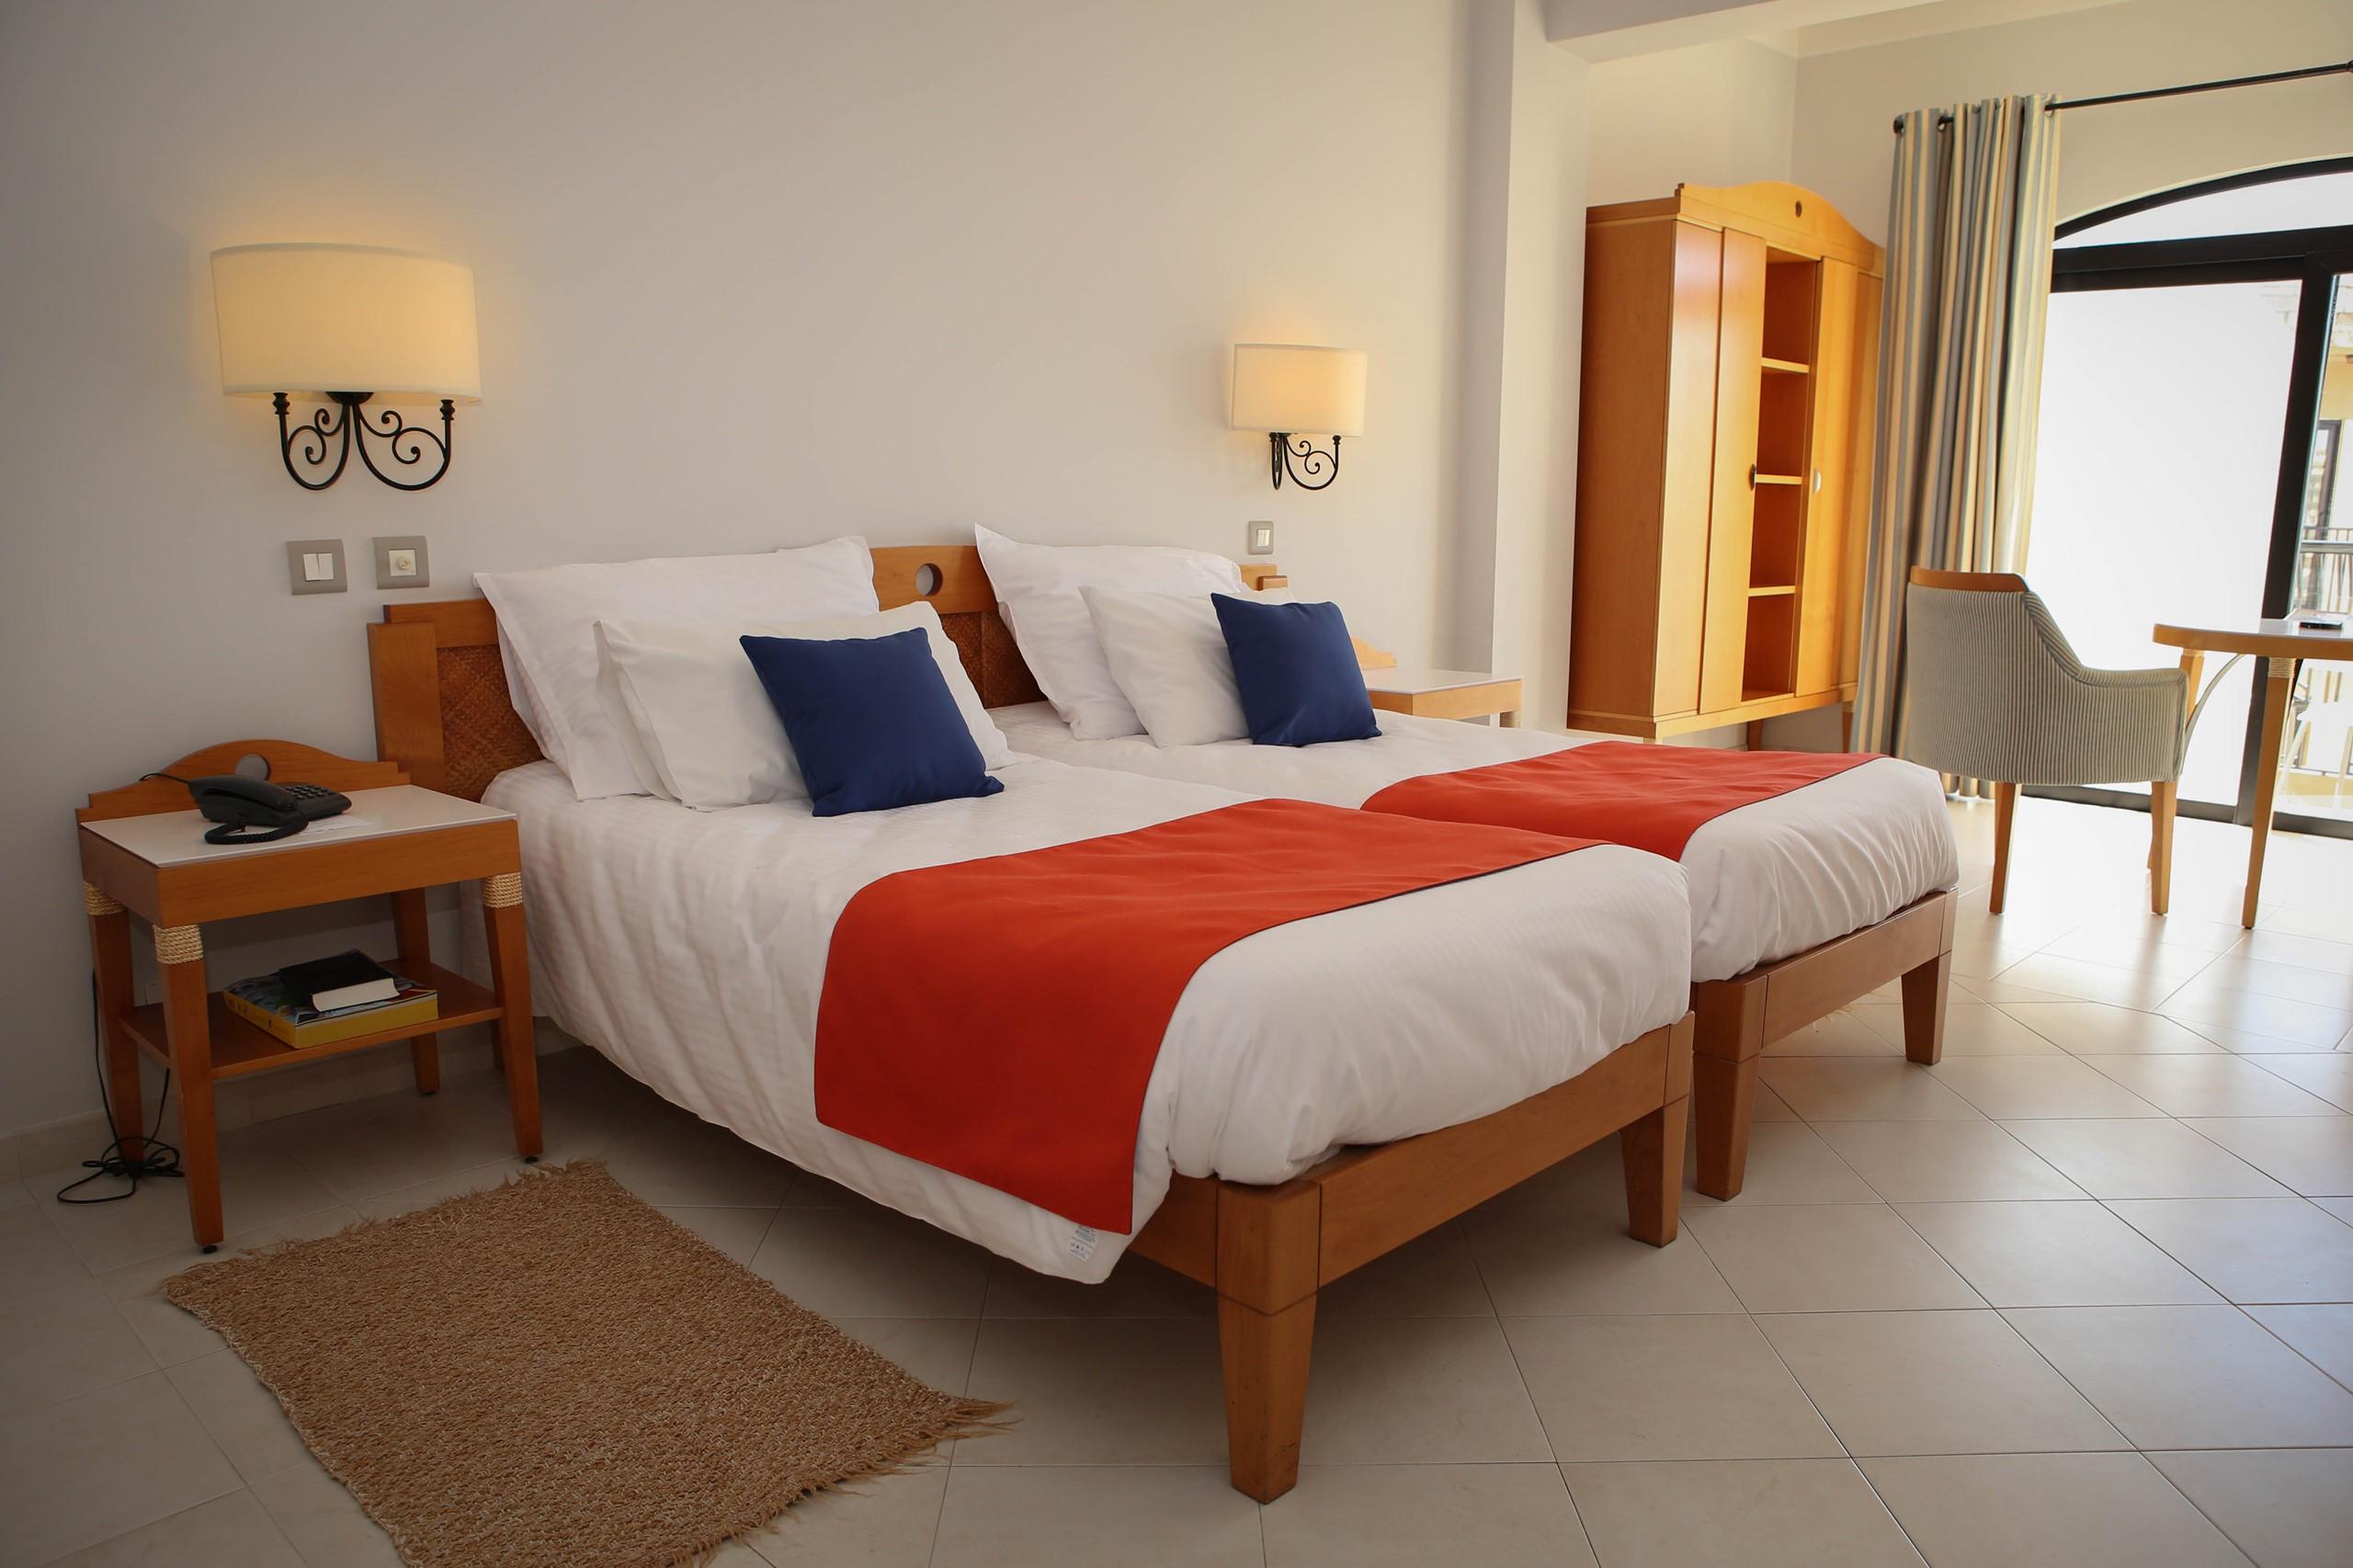 Hotel Calypso (Gozo) - News & Events